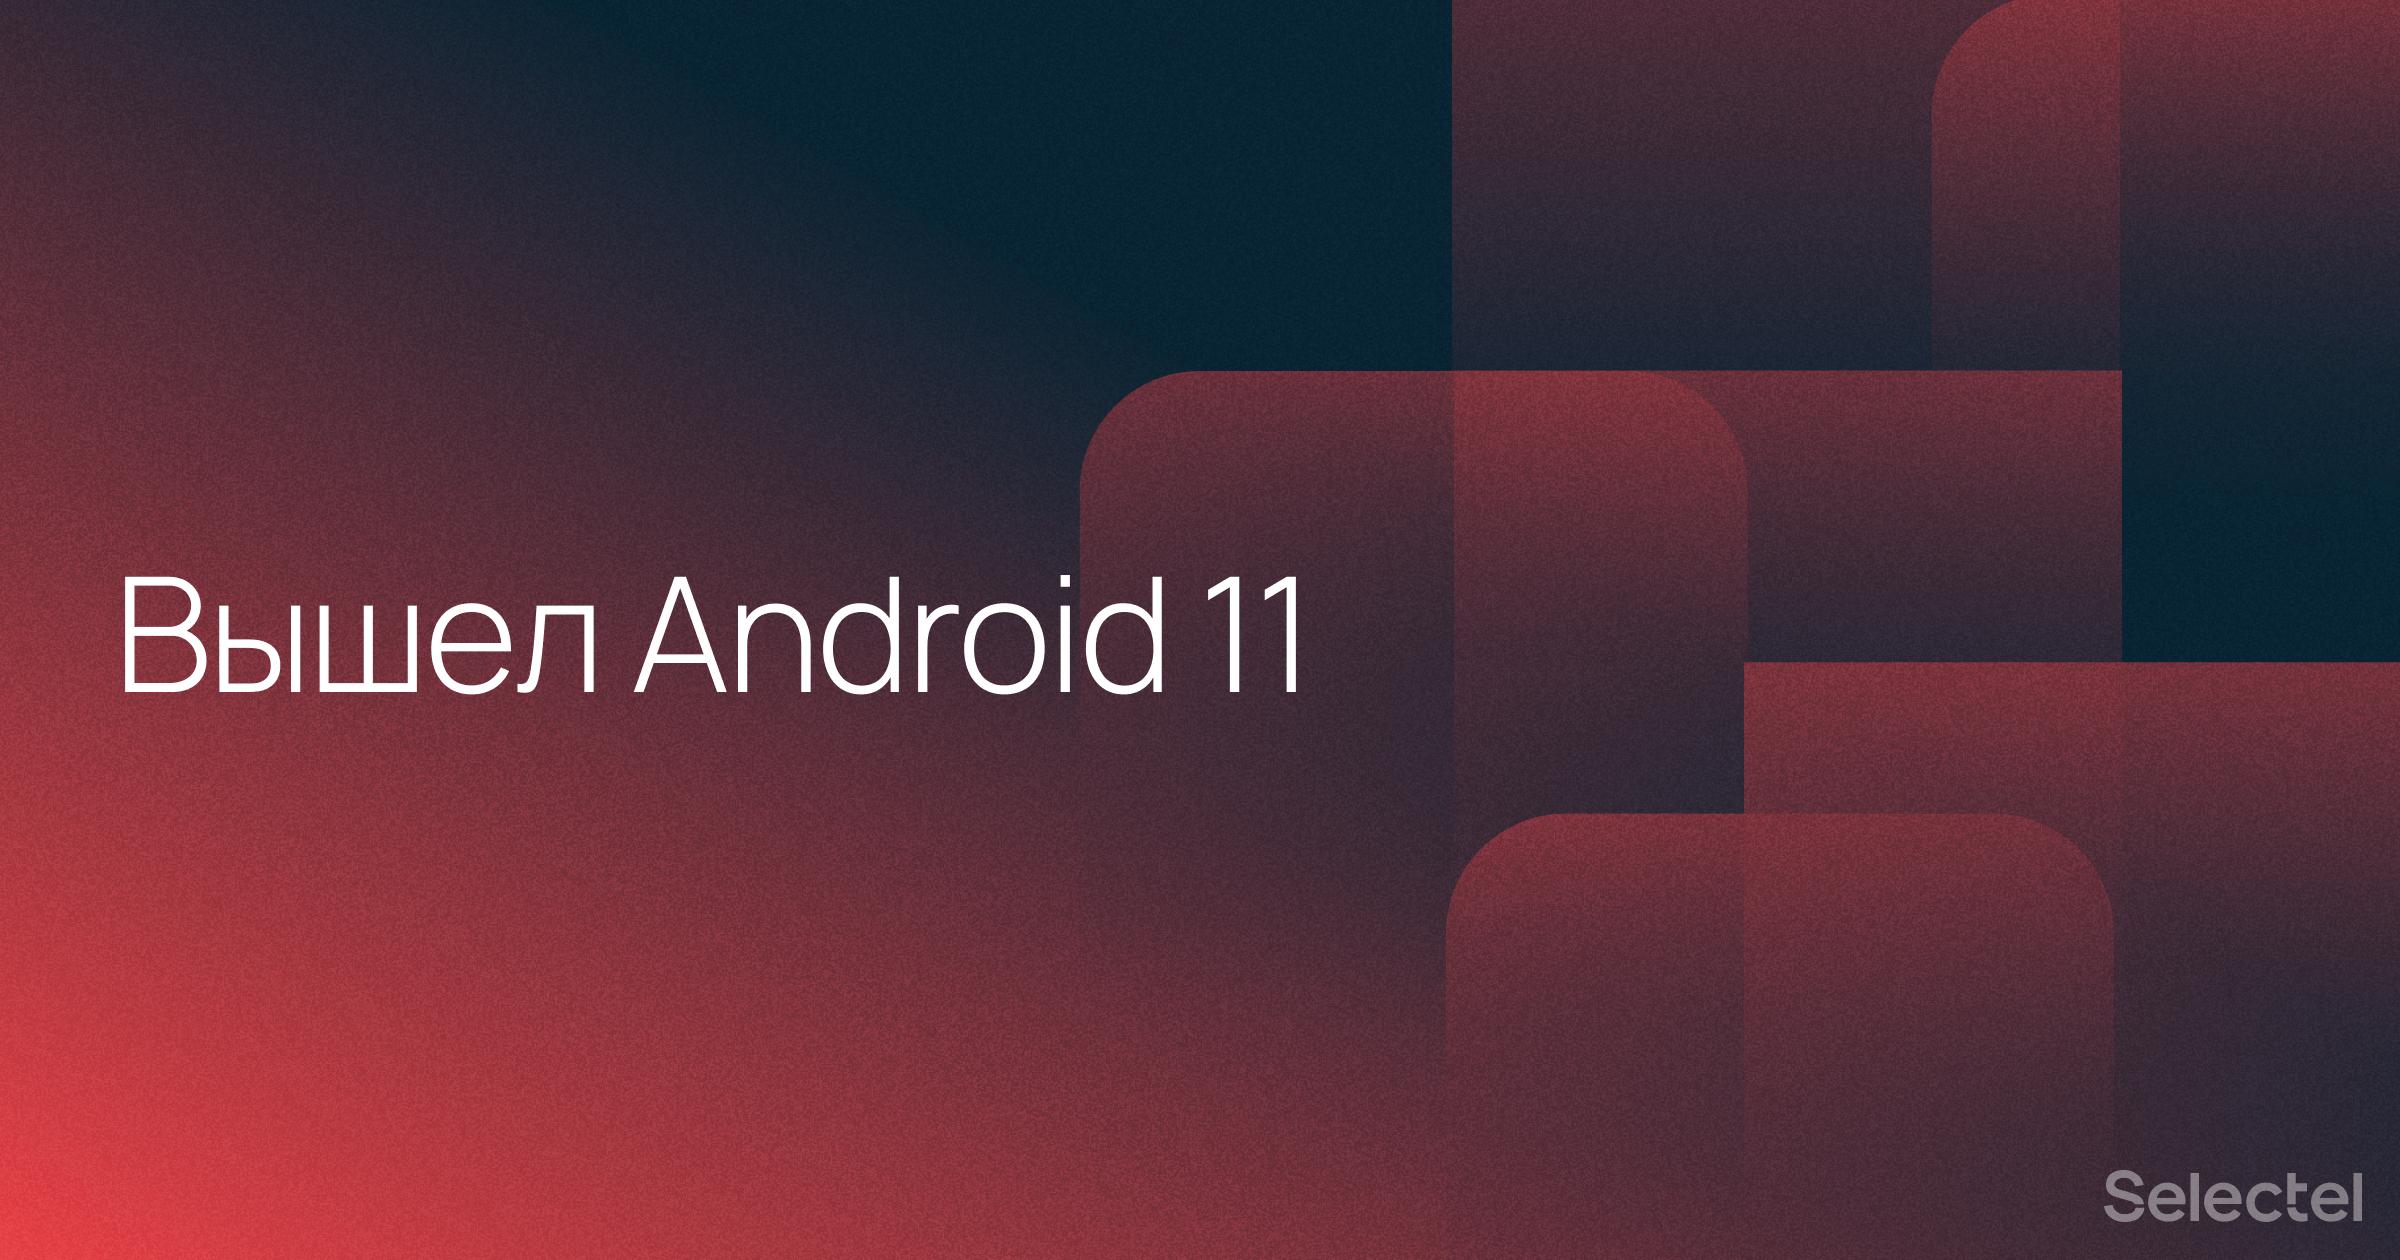 Вышел Android 11 с единым разделом для мессенджеров, записью экрана и управлением smart-устройствами - 1